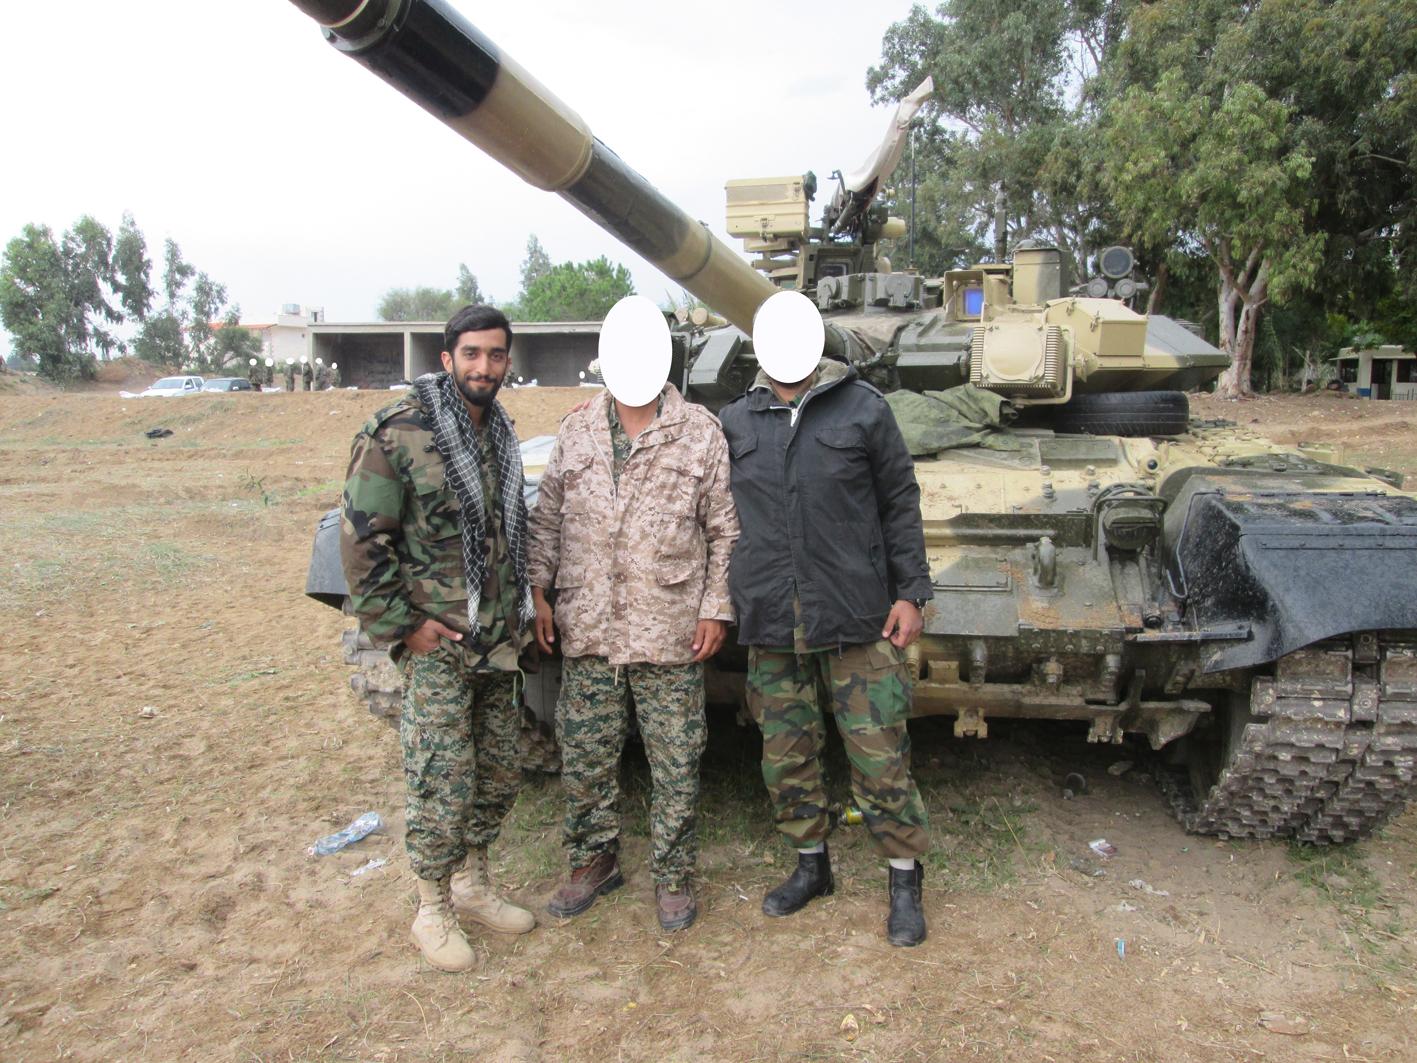 مستند شهید حججی جدیدترین تصاویر «محسن حججی» در سوریه+ گزارش تصویری جدیدترین تصاویر «محسن حججی» در سوریه+ گزارش تصویری                                                9